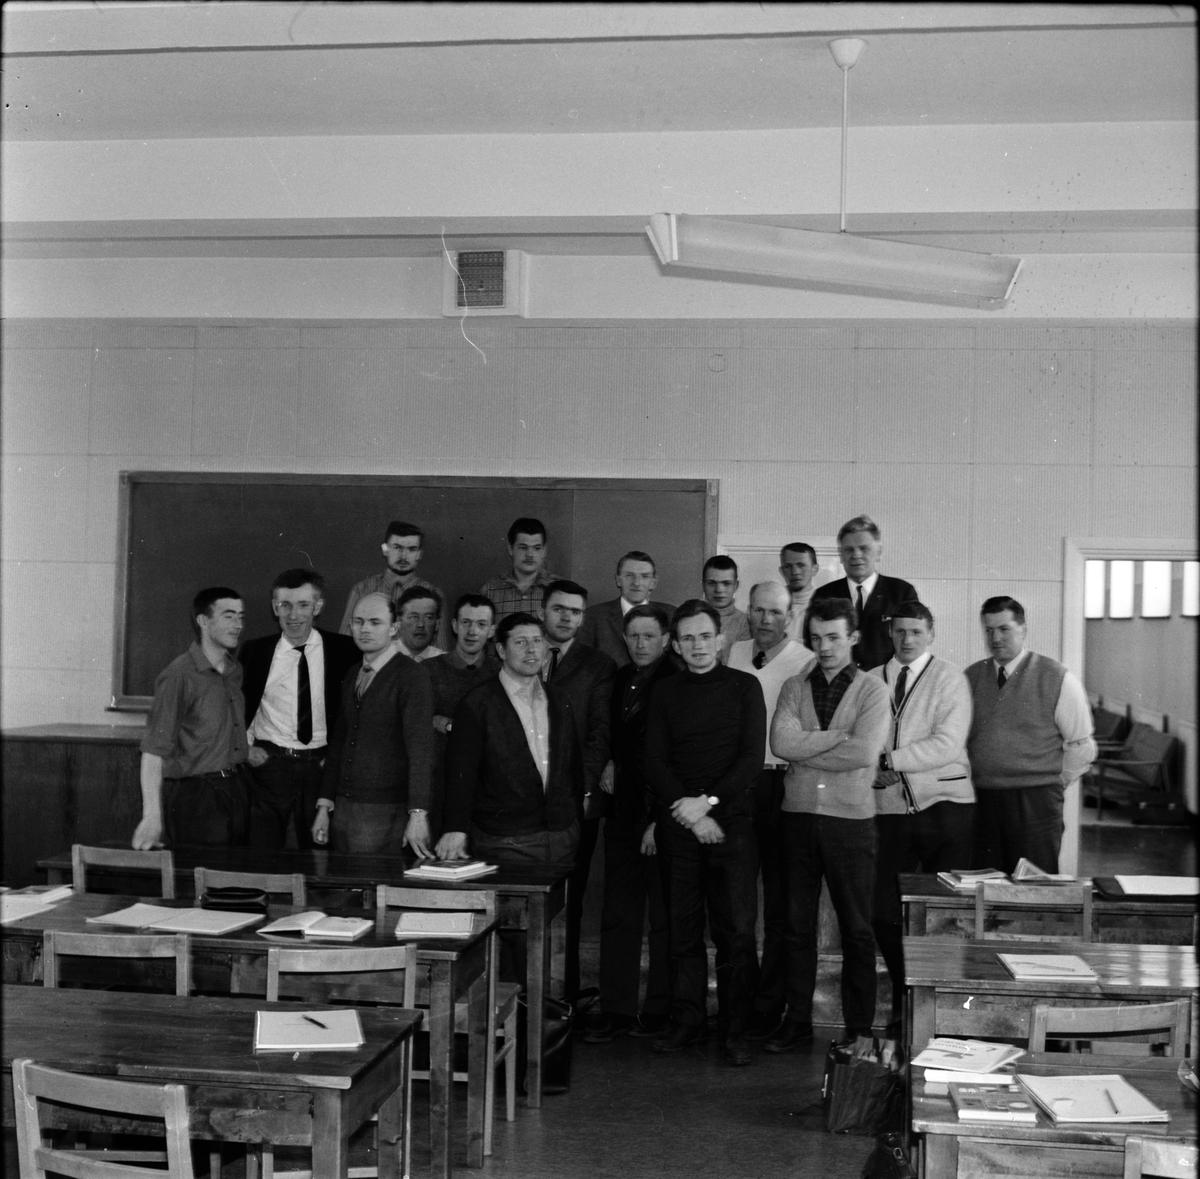 Nytorp, Kurs för jordbrukare, 14 Mars 1968